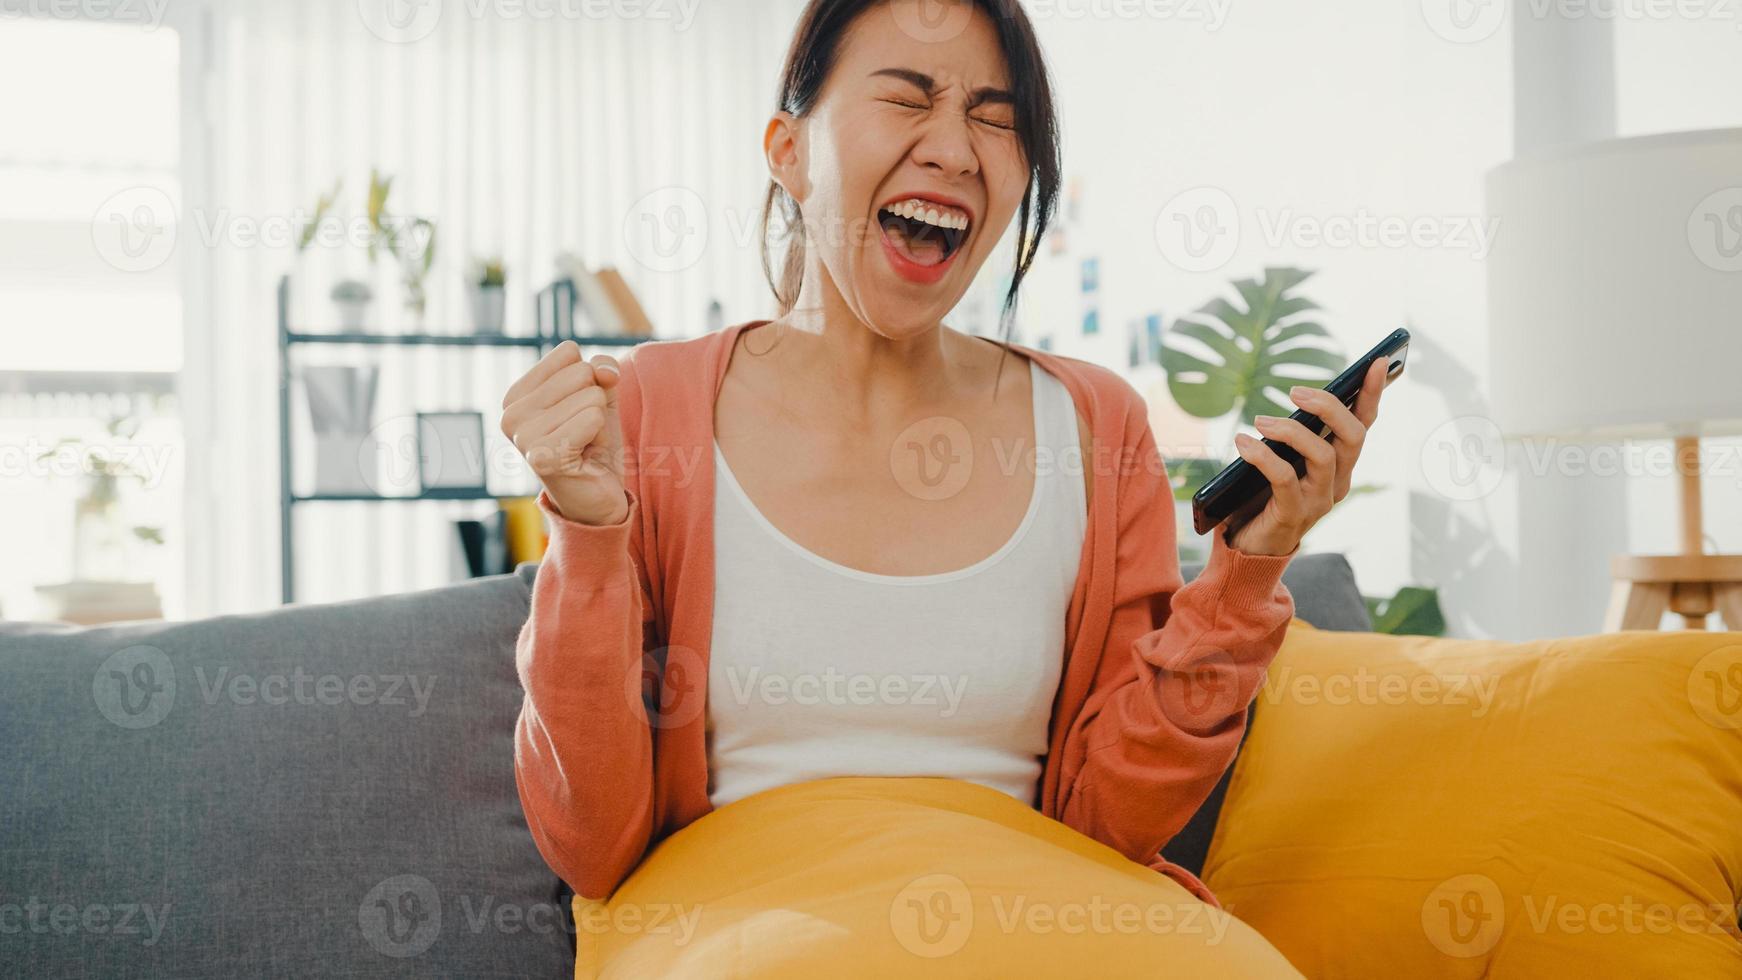 hermosa dama asiática sentada en el sofá se siente emocionante con una gran noticia en casa. entrevista de éxito, logro de graduados, aceptación de coincidencia de citas, aprobación de crédito de inicio, aprobación de prueba, concepto de trabajo de aceptación de empleador. foto